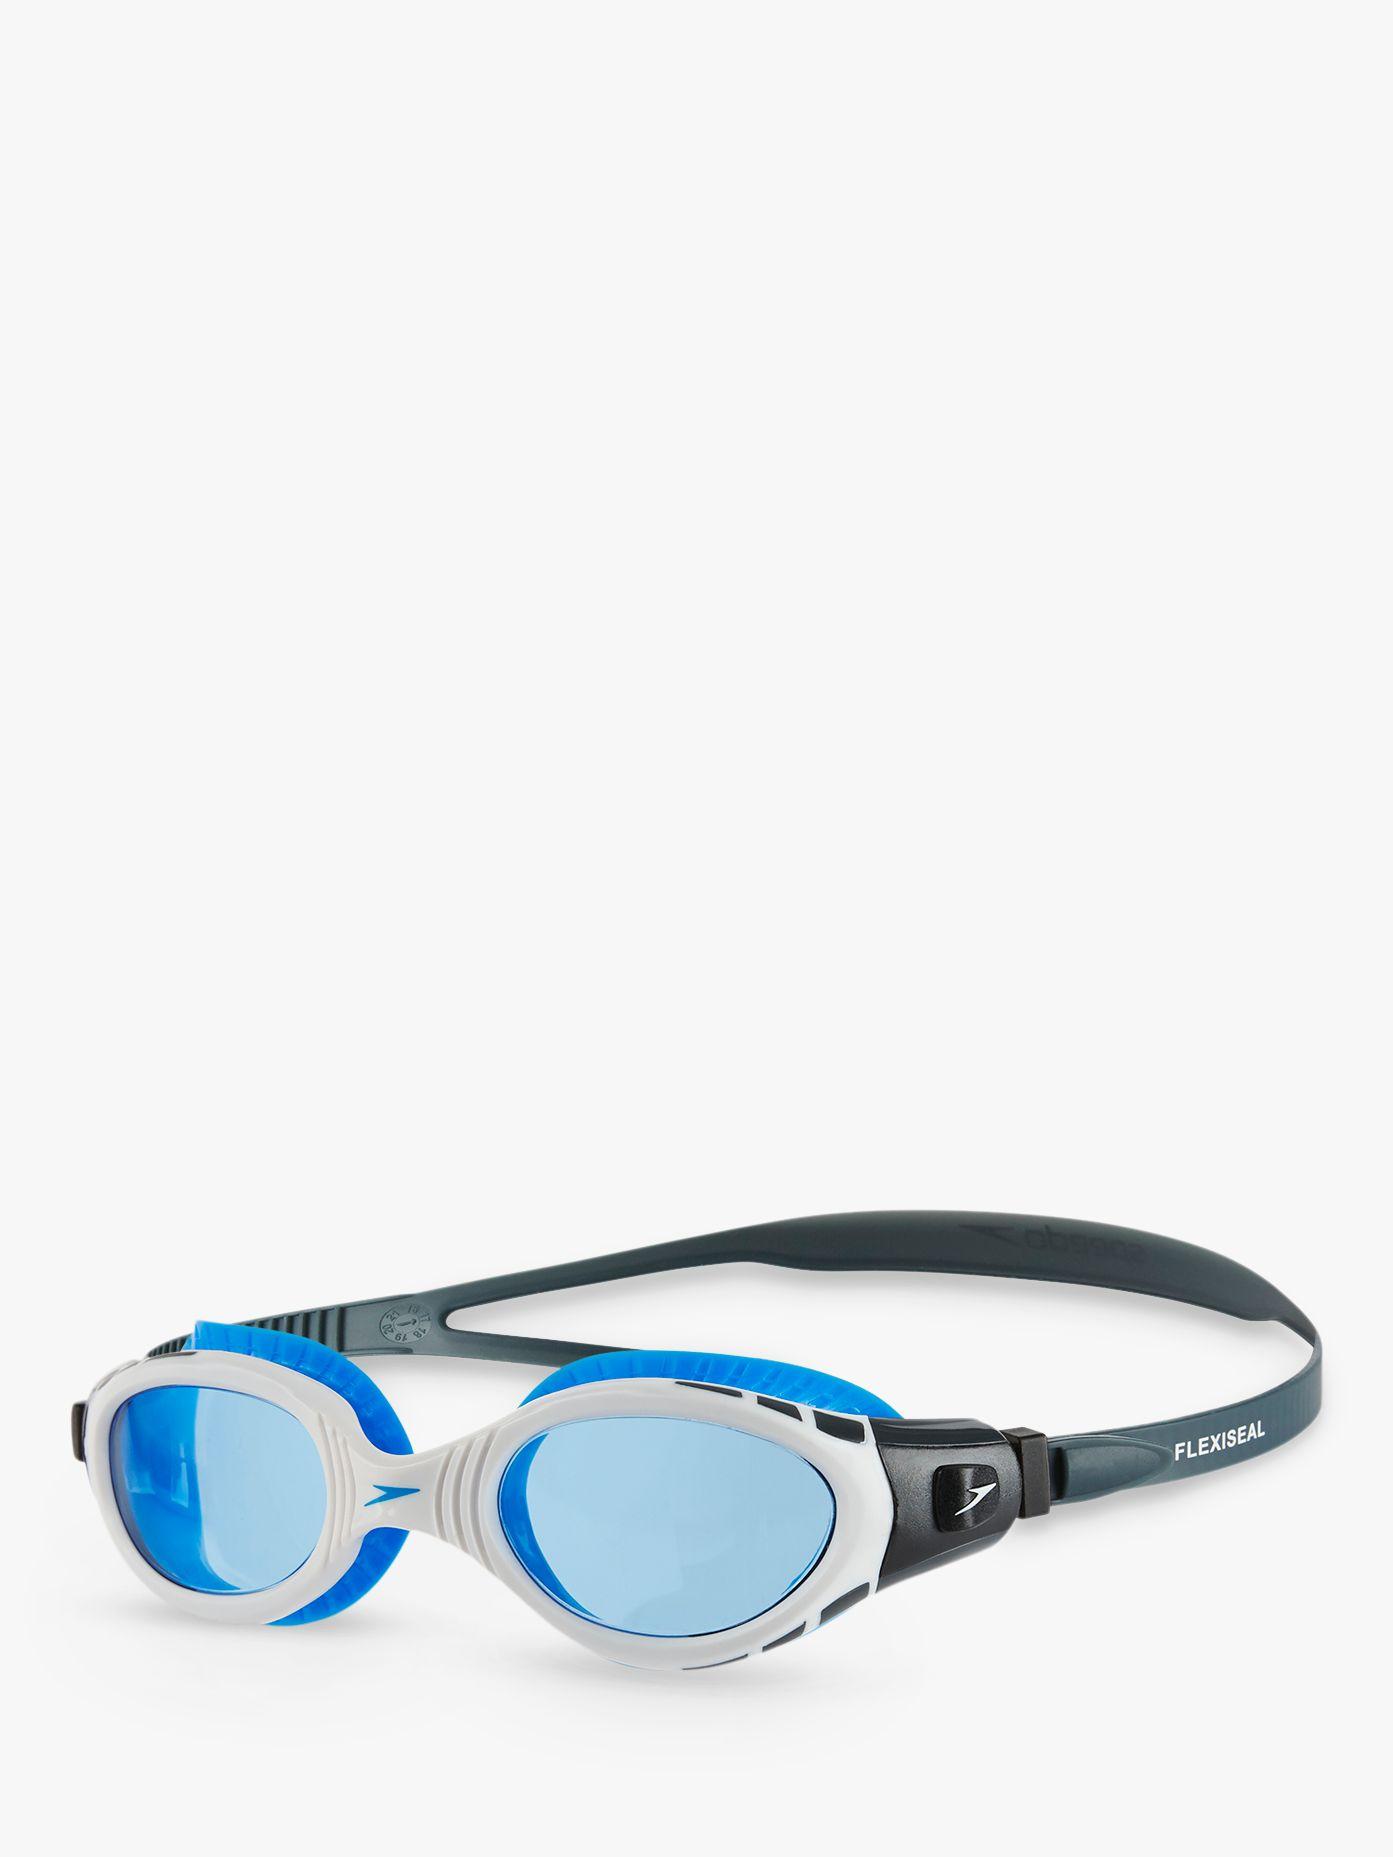 Speedo Speedo Futura Biofuse Flexiseal Swimming Goggles, Oxid Grey/White/Blue